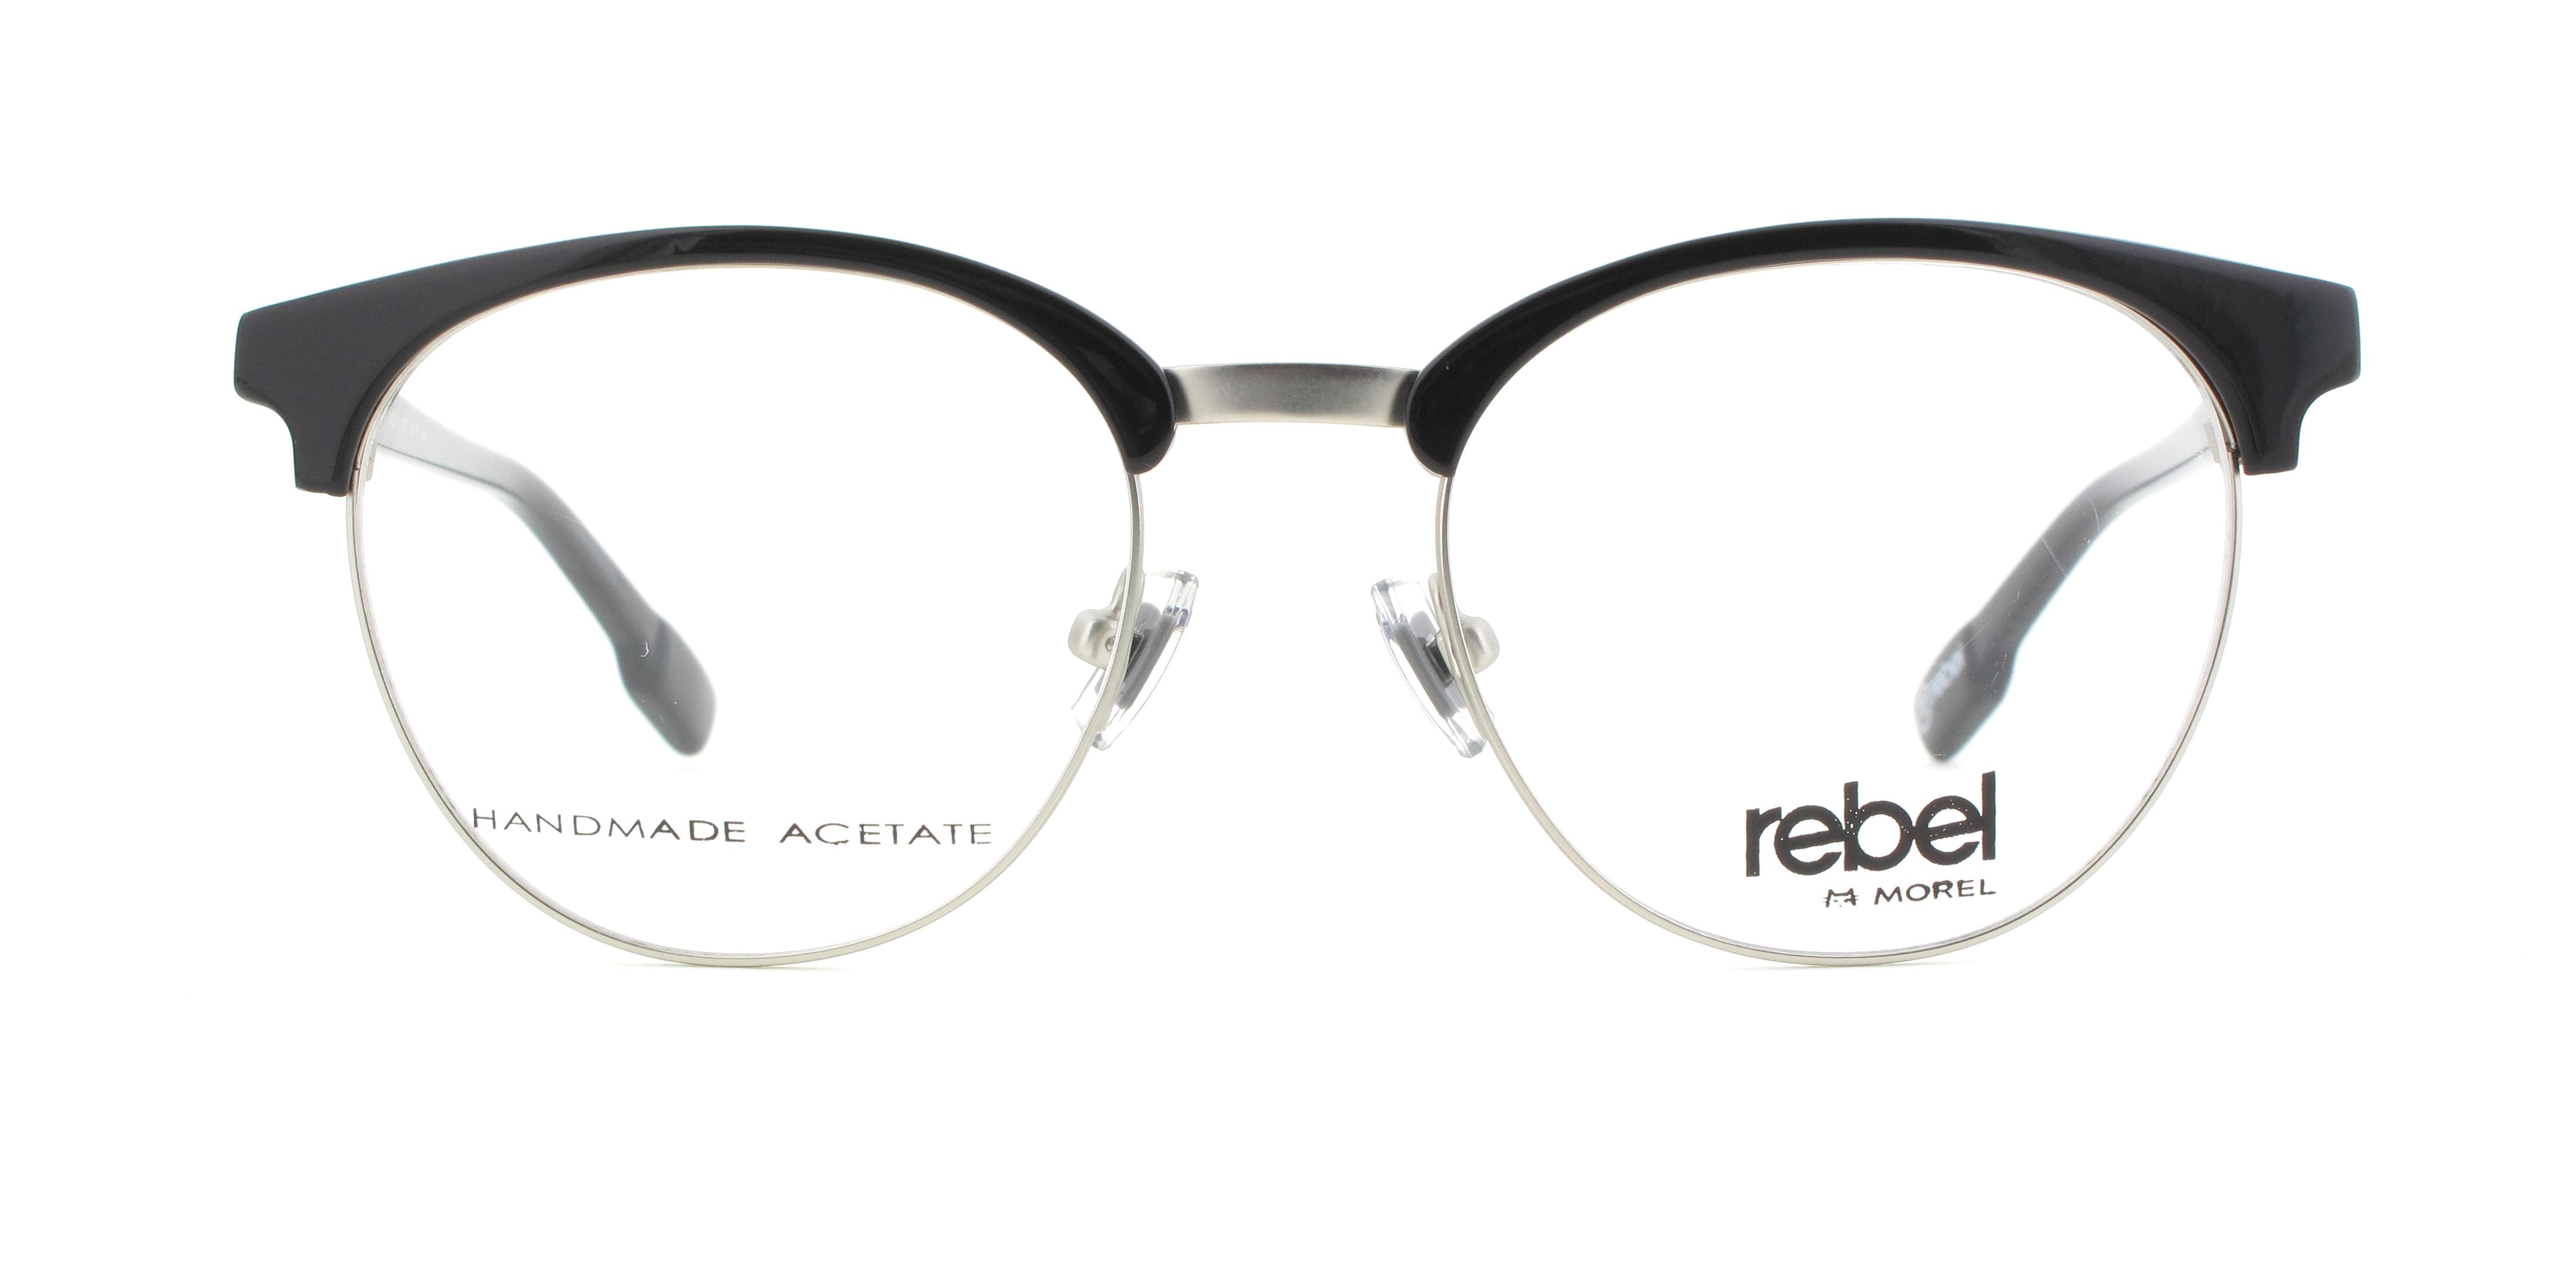 morel eyeglasses 70012 black men eyeglasses - Morel Frames